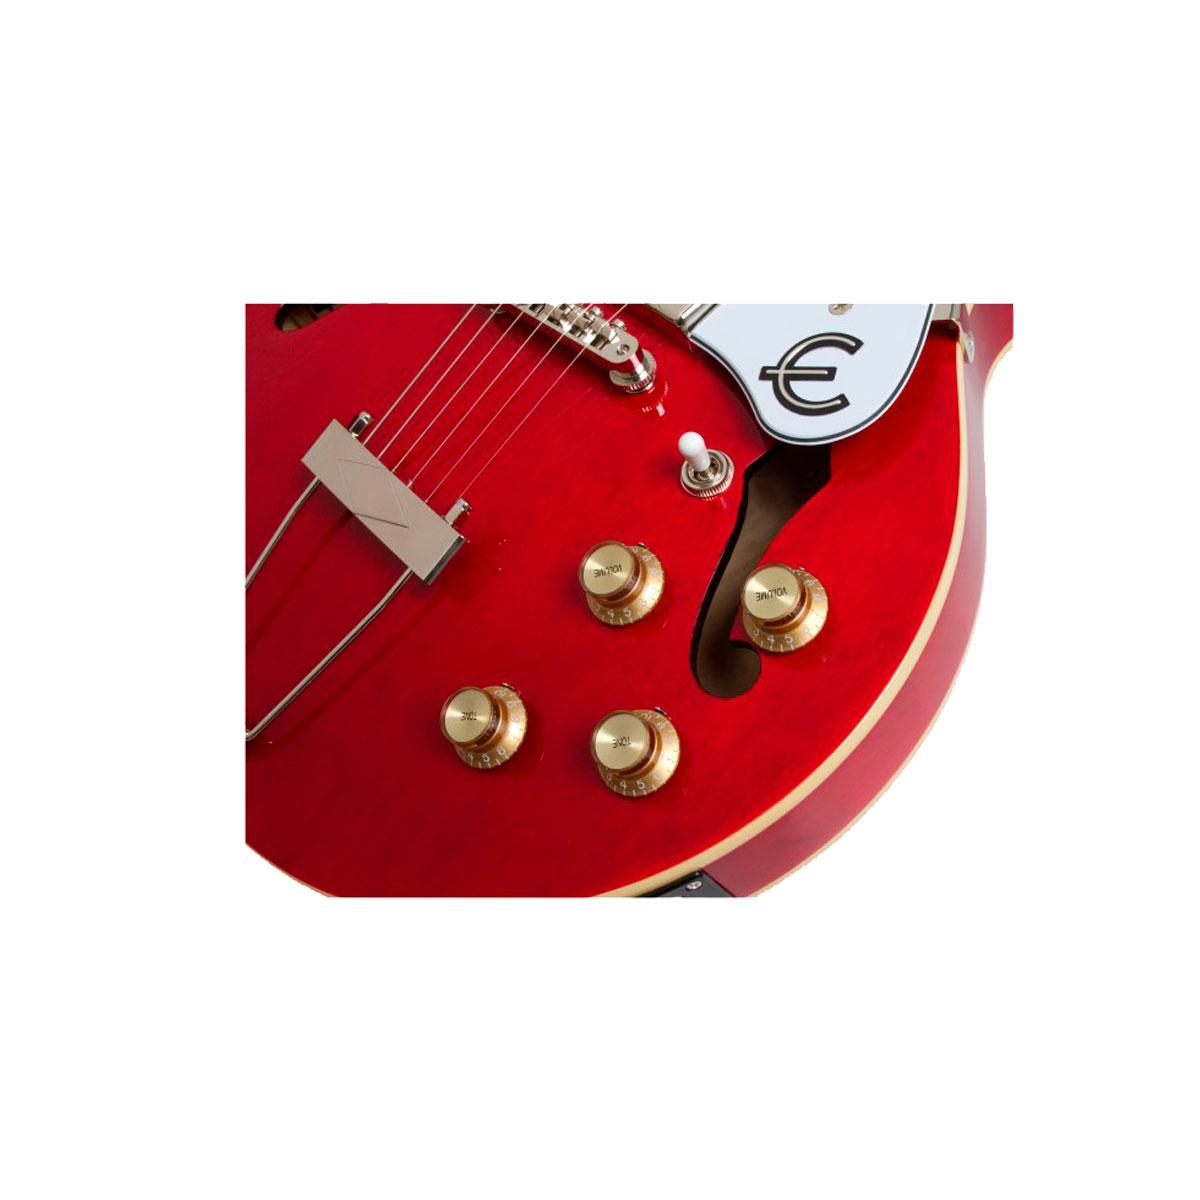 Guitarra Semi Acustica Casino Coupe Cherry - Epiphone